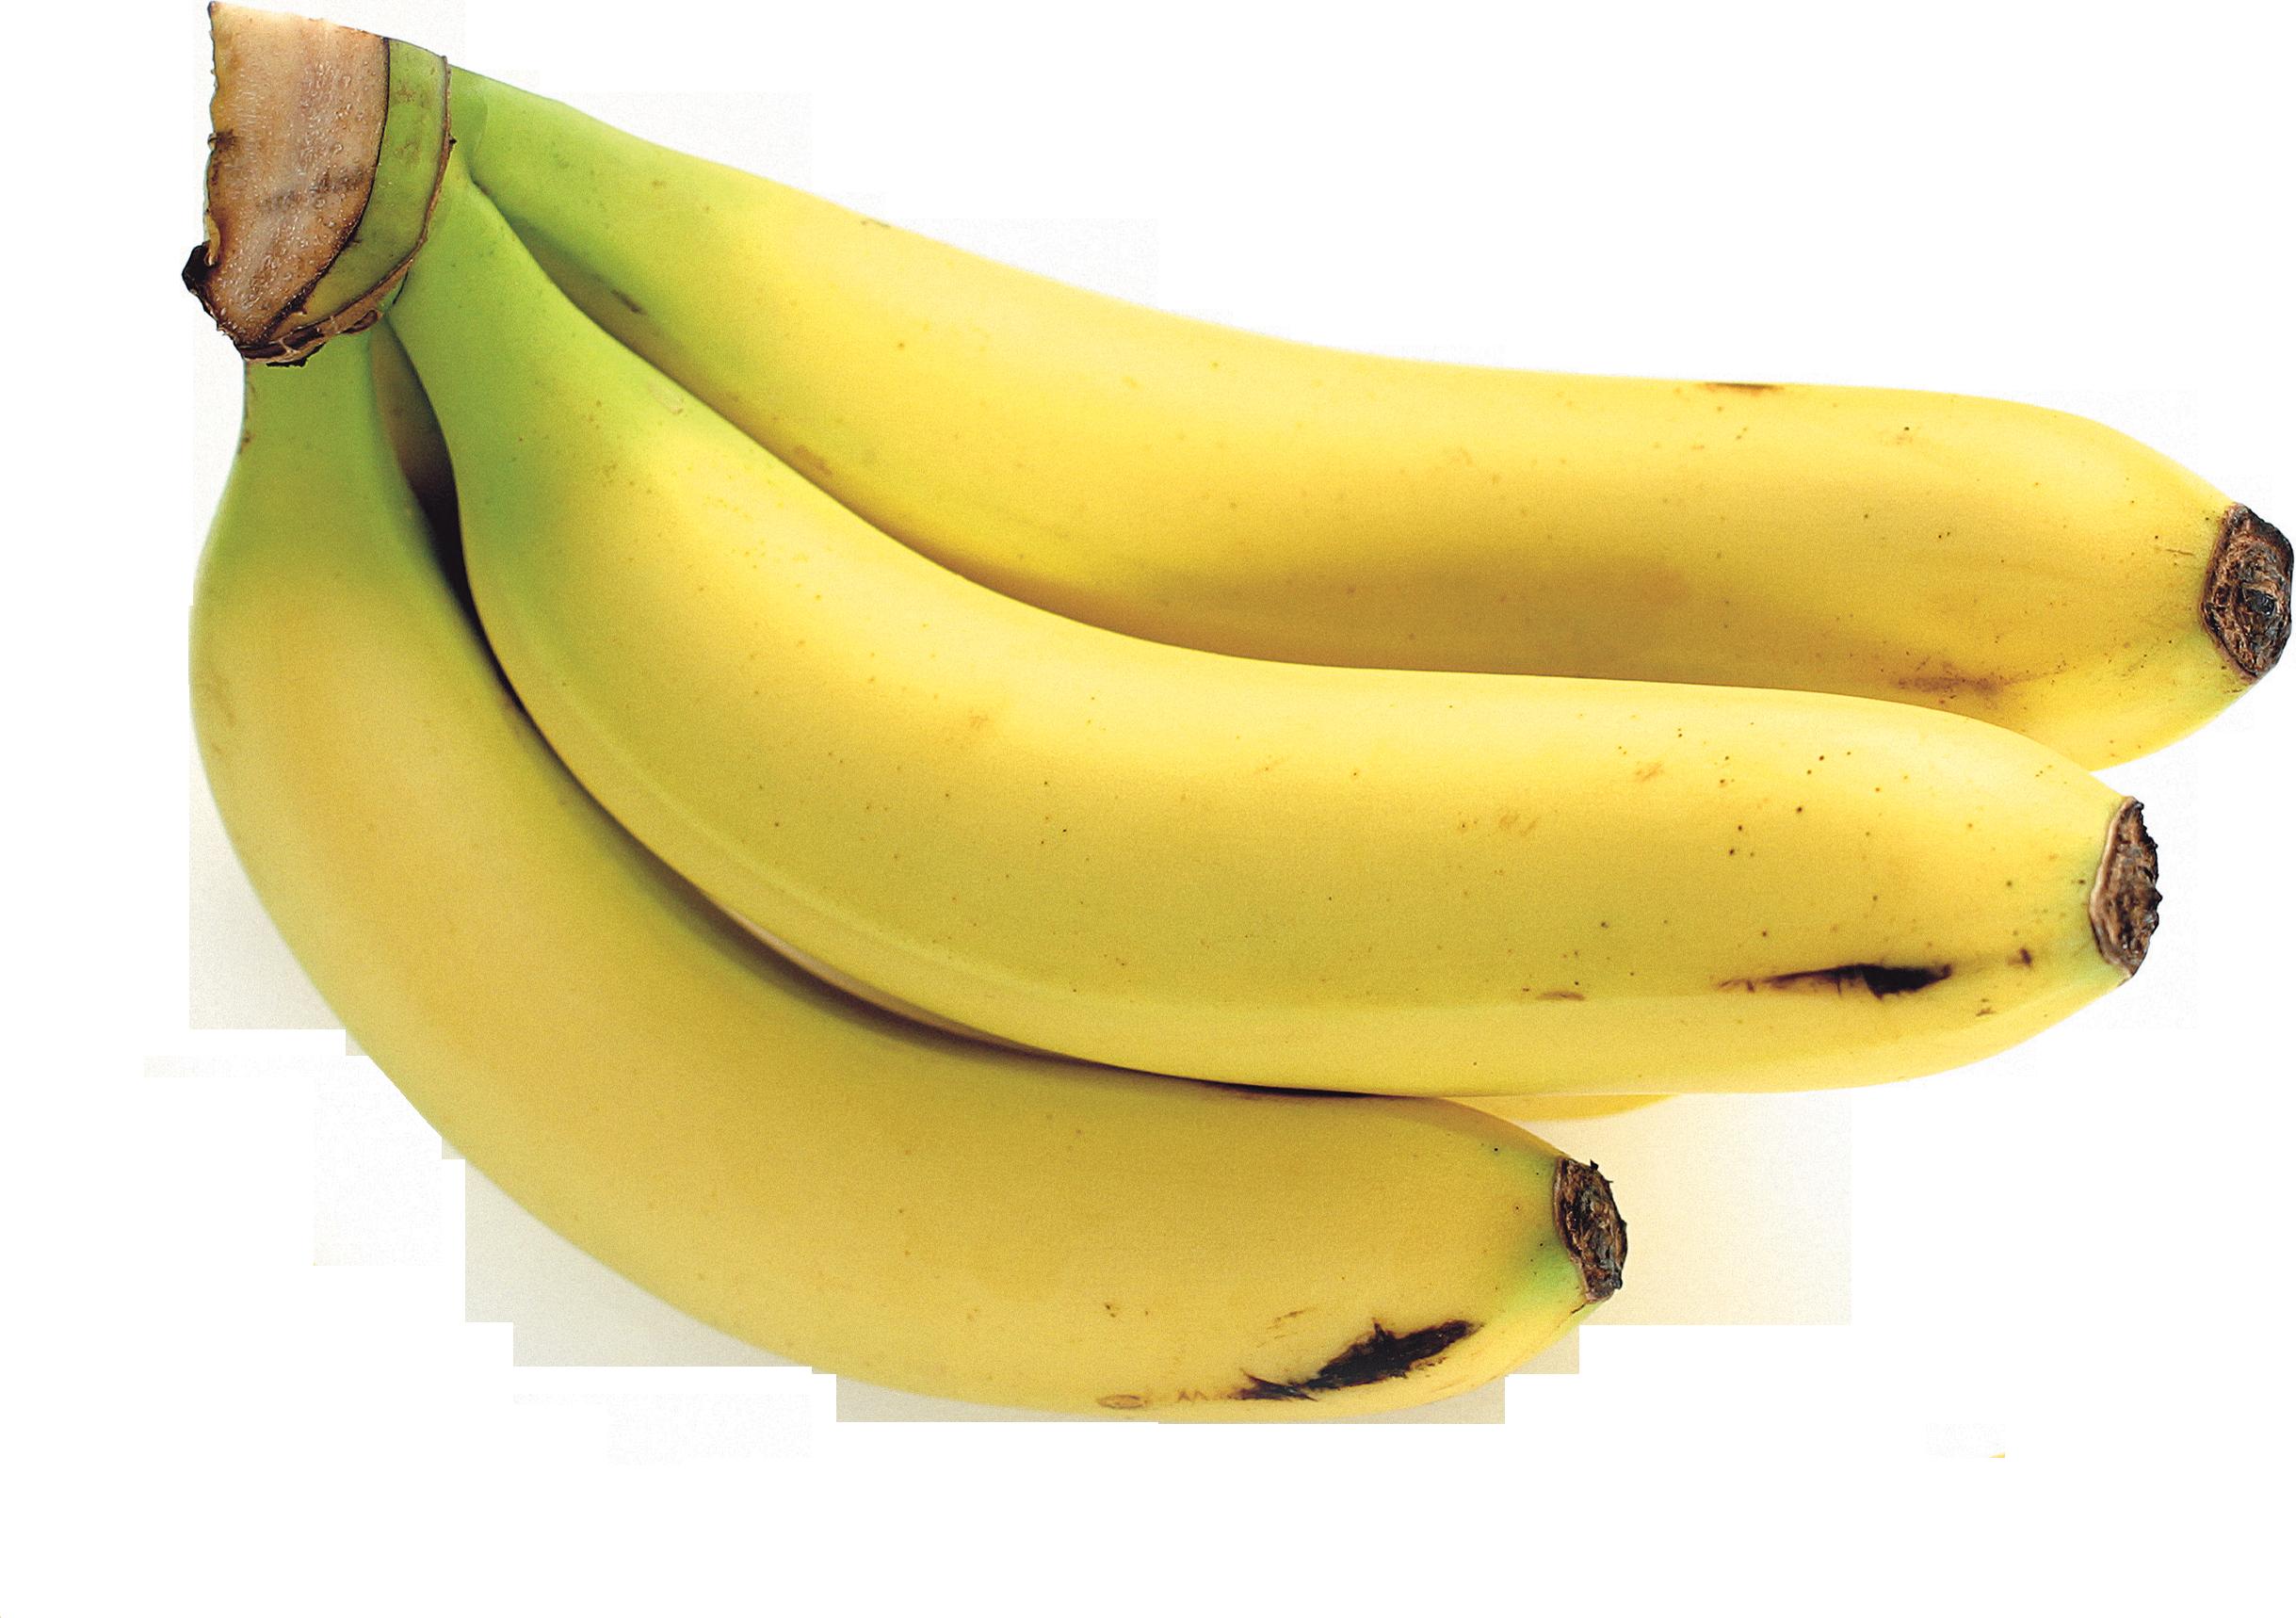 banana PNG image - Banana PNG